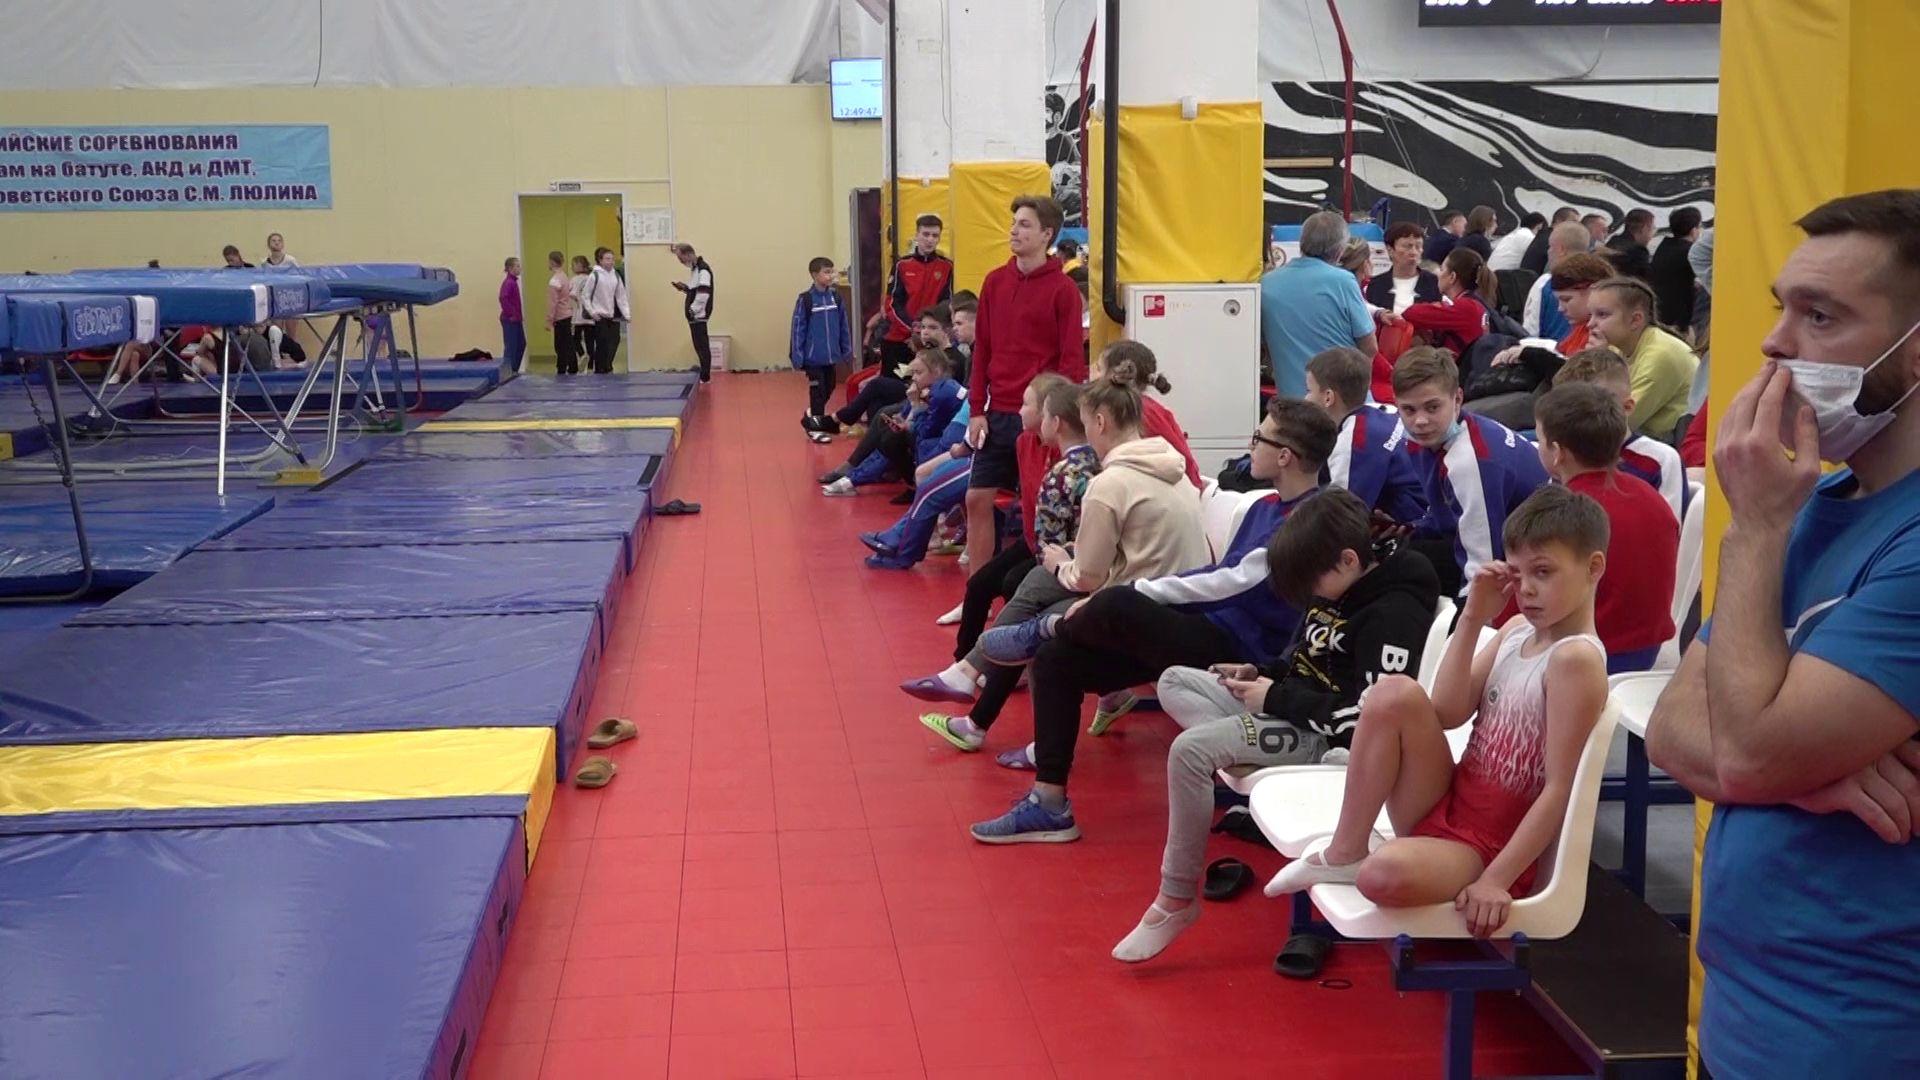 В Ярославле проходят Всероссийские соревнования по прыжкам на батуте